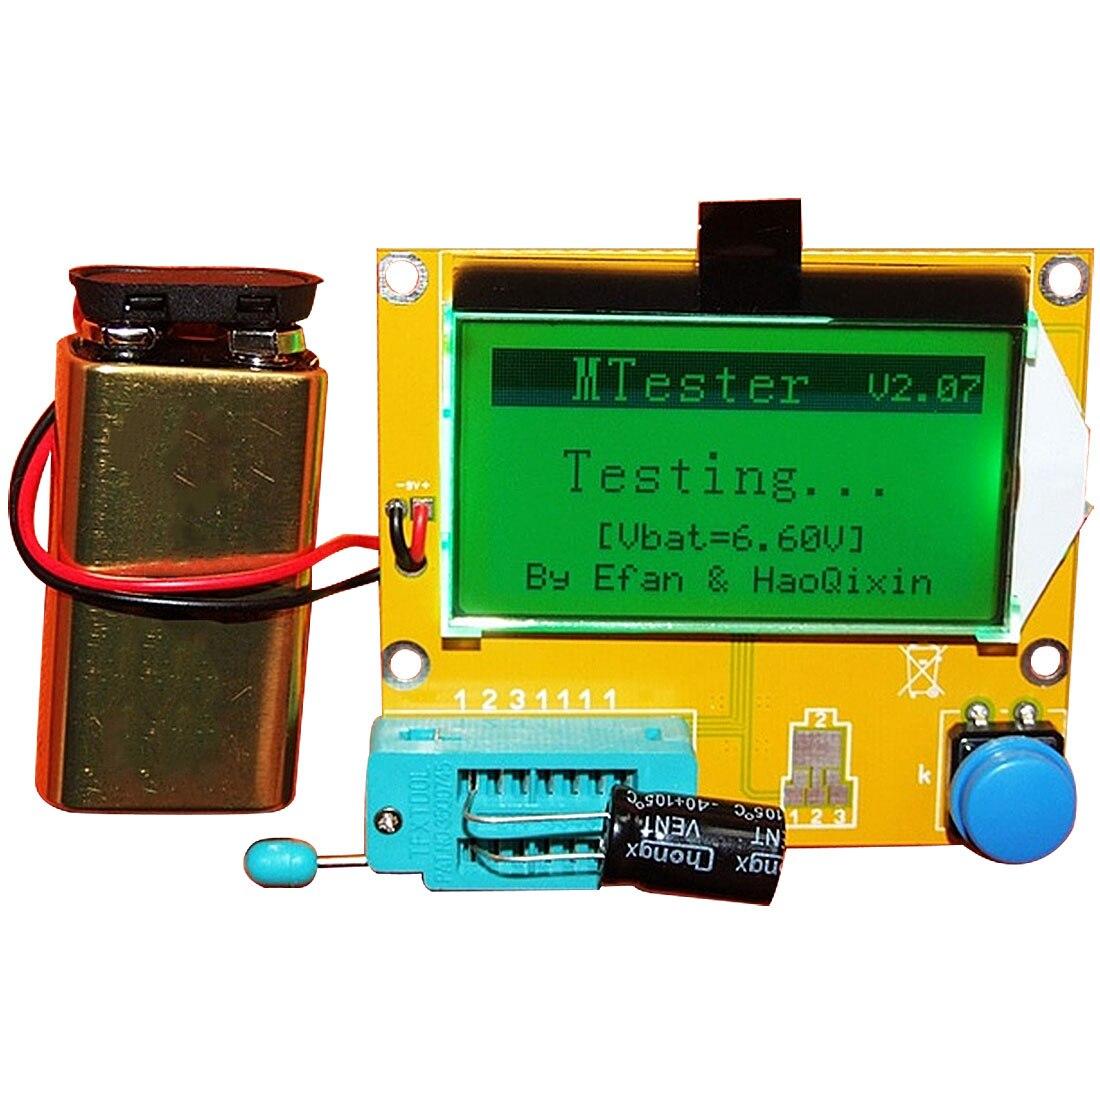 LCR-T4 ESR Meter Transistor Tester Digitale Mega328 M328 Lcr Diode Triode Kapazität Test Muiltmeter ESR MOS/PNP/NPN l/C/R